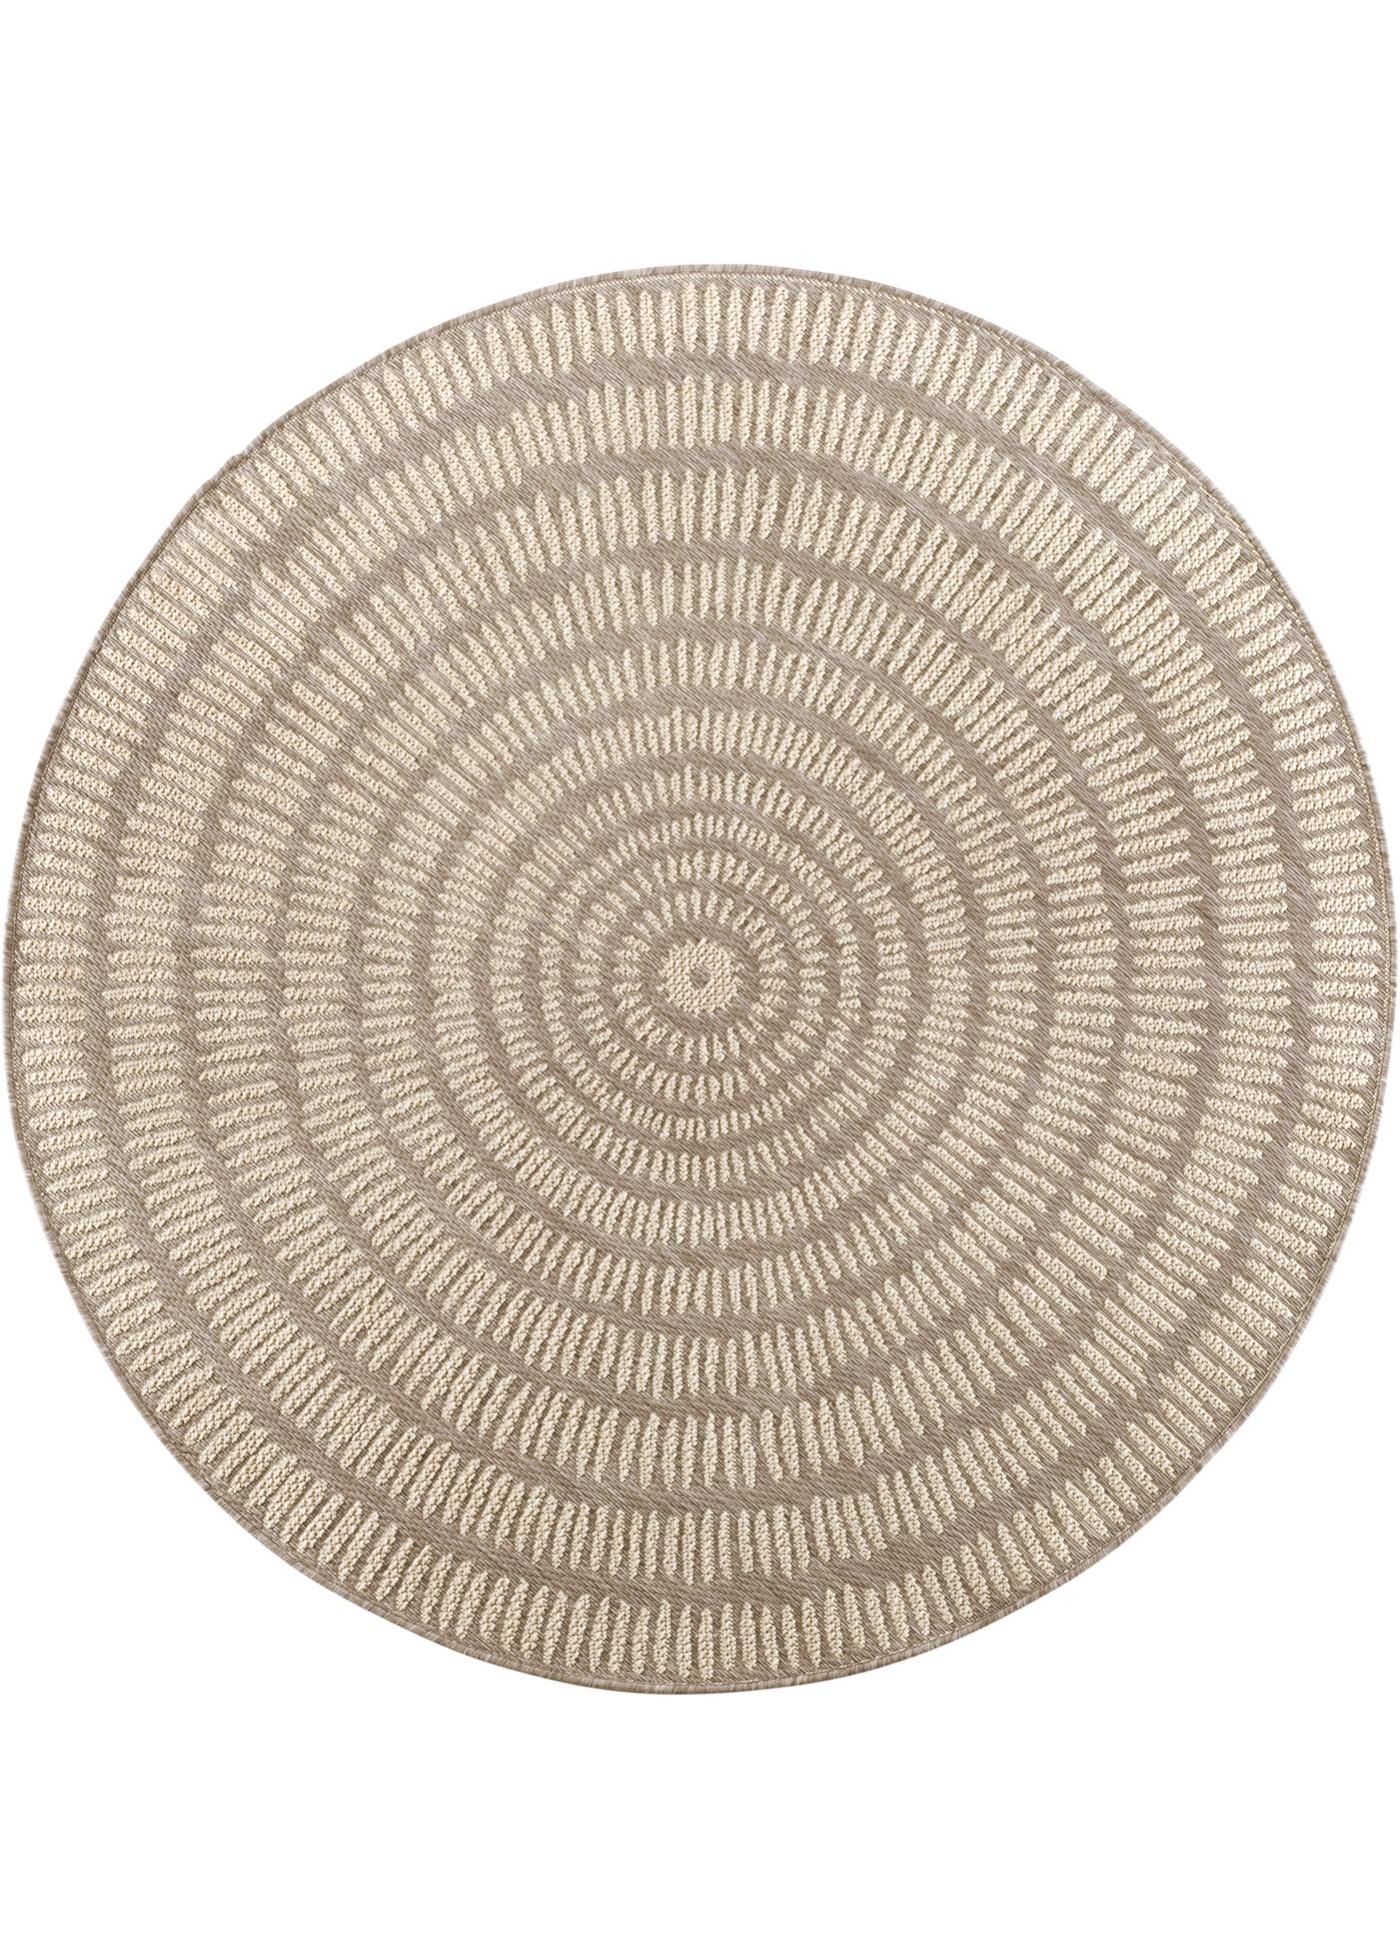 Runder In- und Outdoor Teppich Kathi